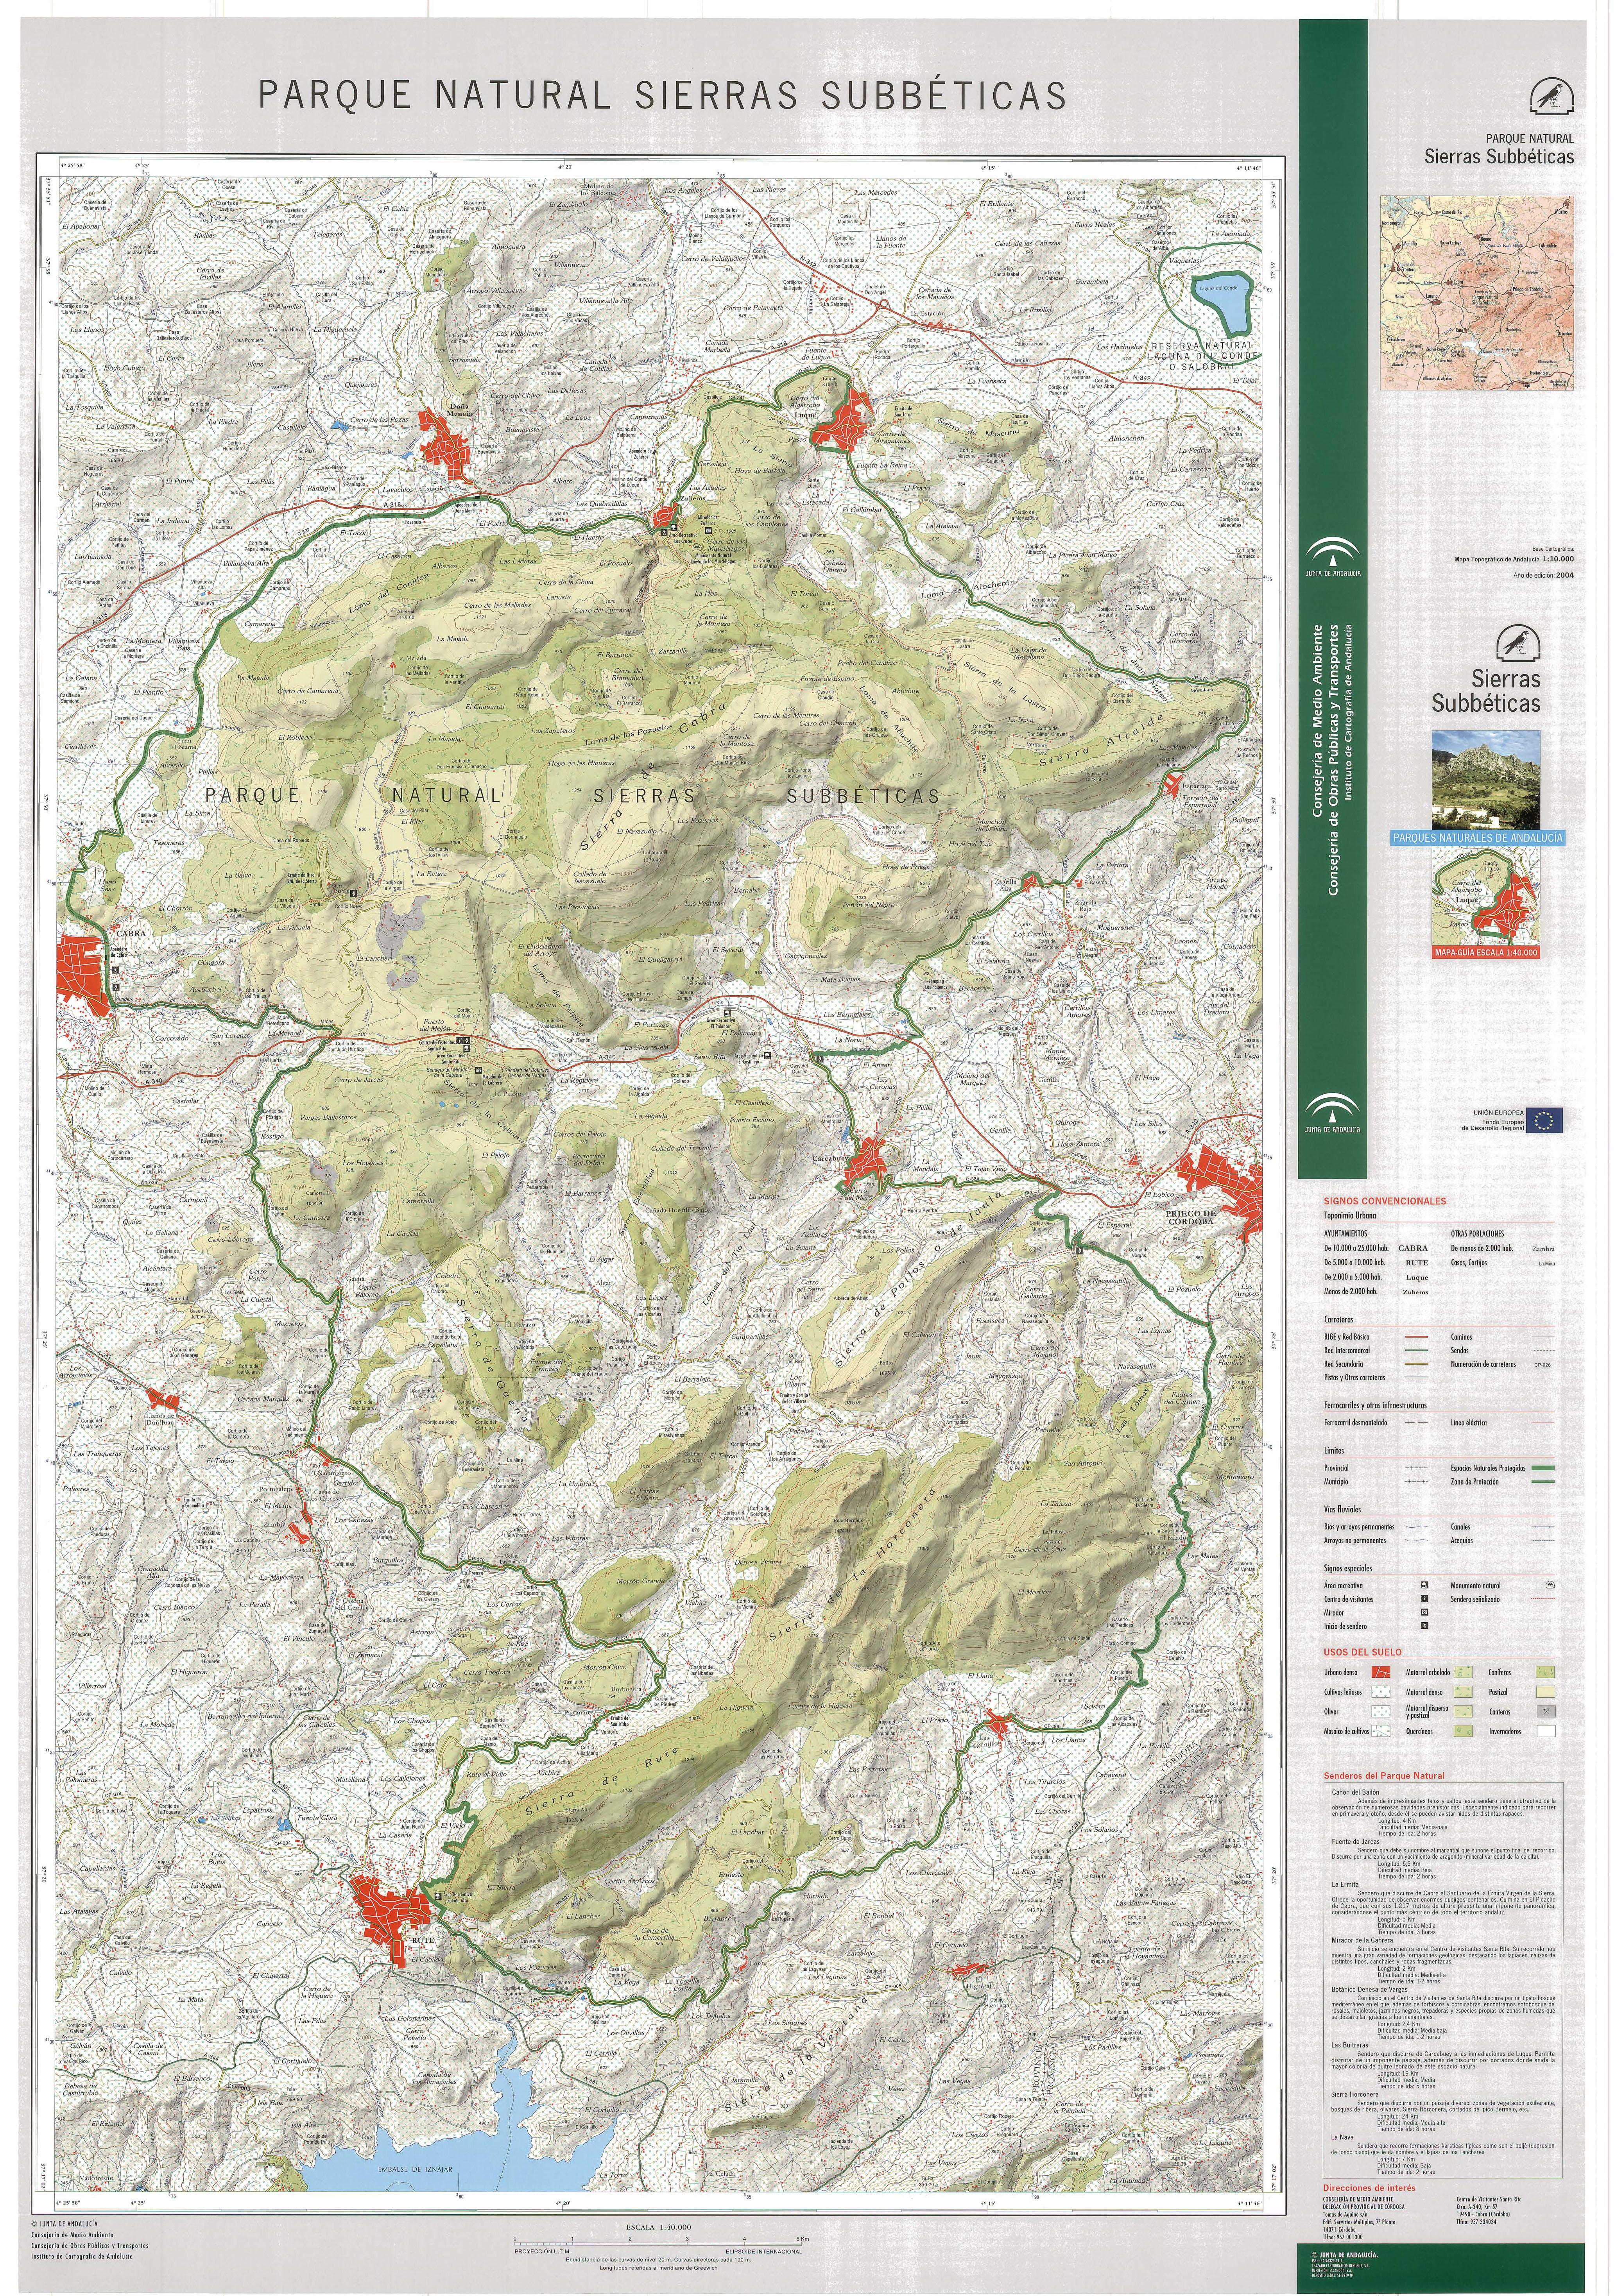 Sierras Subbéticas Natural Park 2004